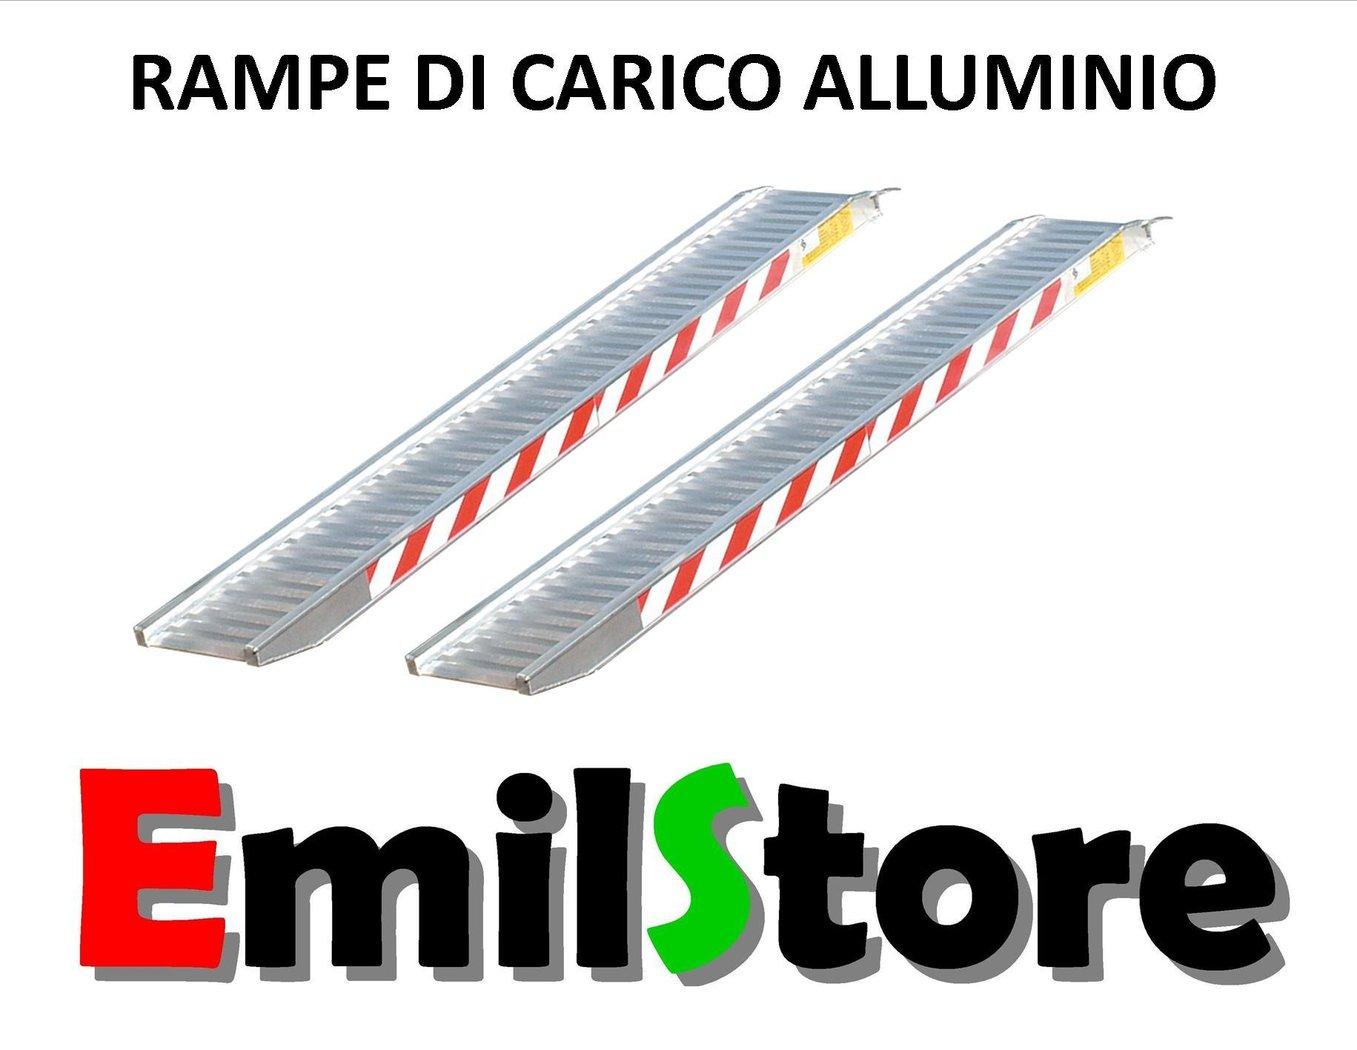 Rampe di carico alluminio 4 metri h190 senza bordi prezzo for Rampe carico alluminio